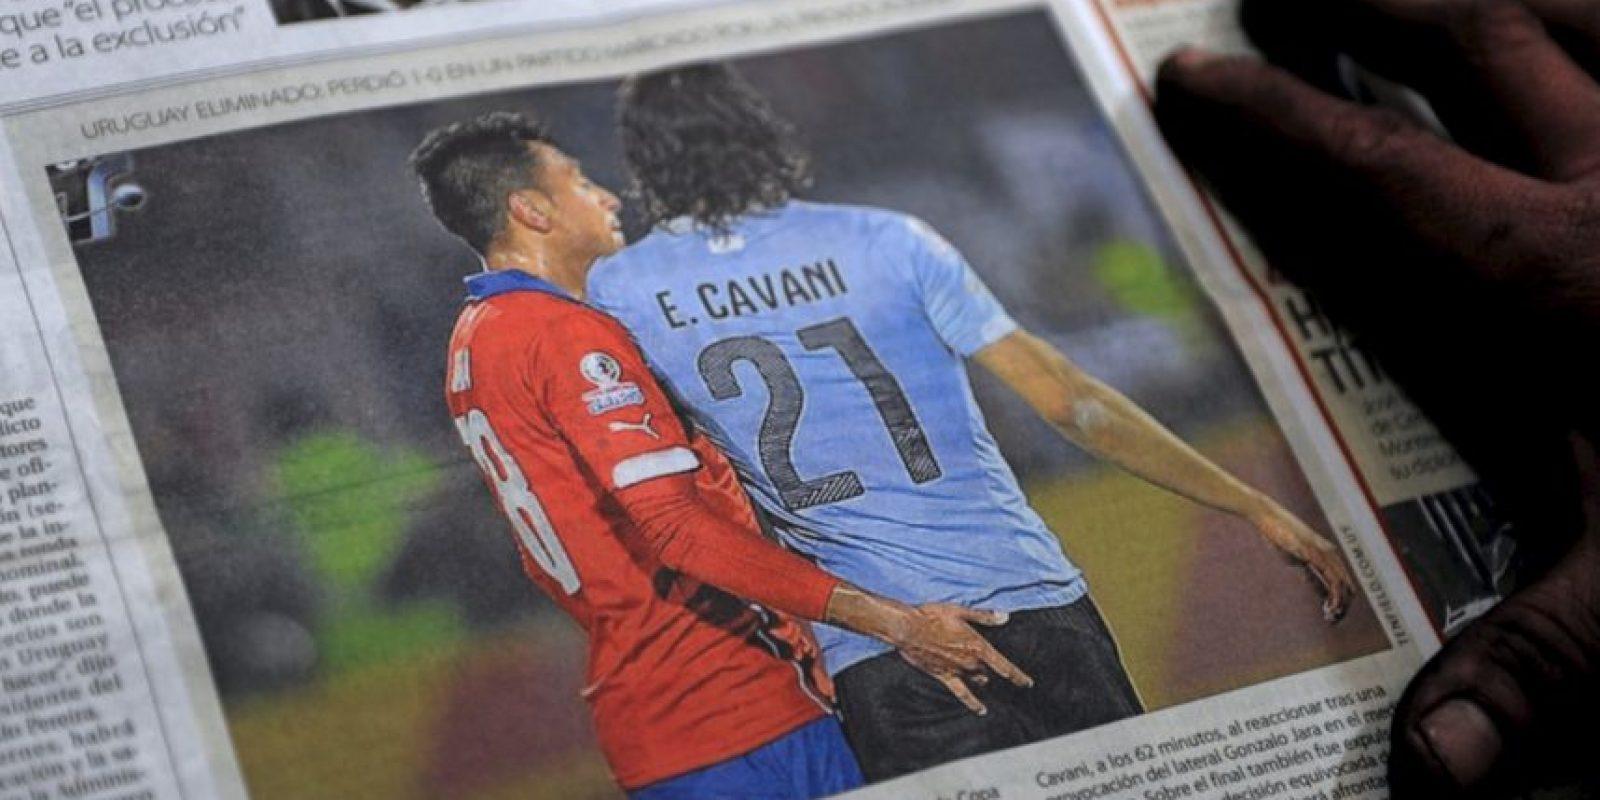 El defensa chileno tuvo este polémico gesto durante el Chile vs. Uruguay de cuartos de final de la Copa América, por lo que Cavani, molesto, respondió con una cachetada que provocó su expulsión. Foto:AFP